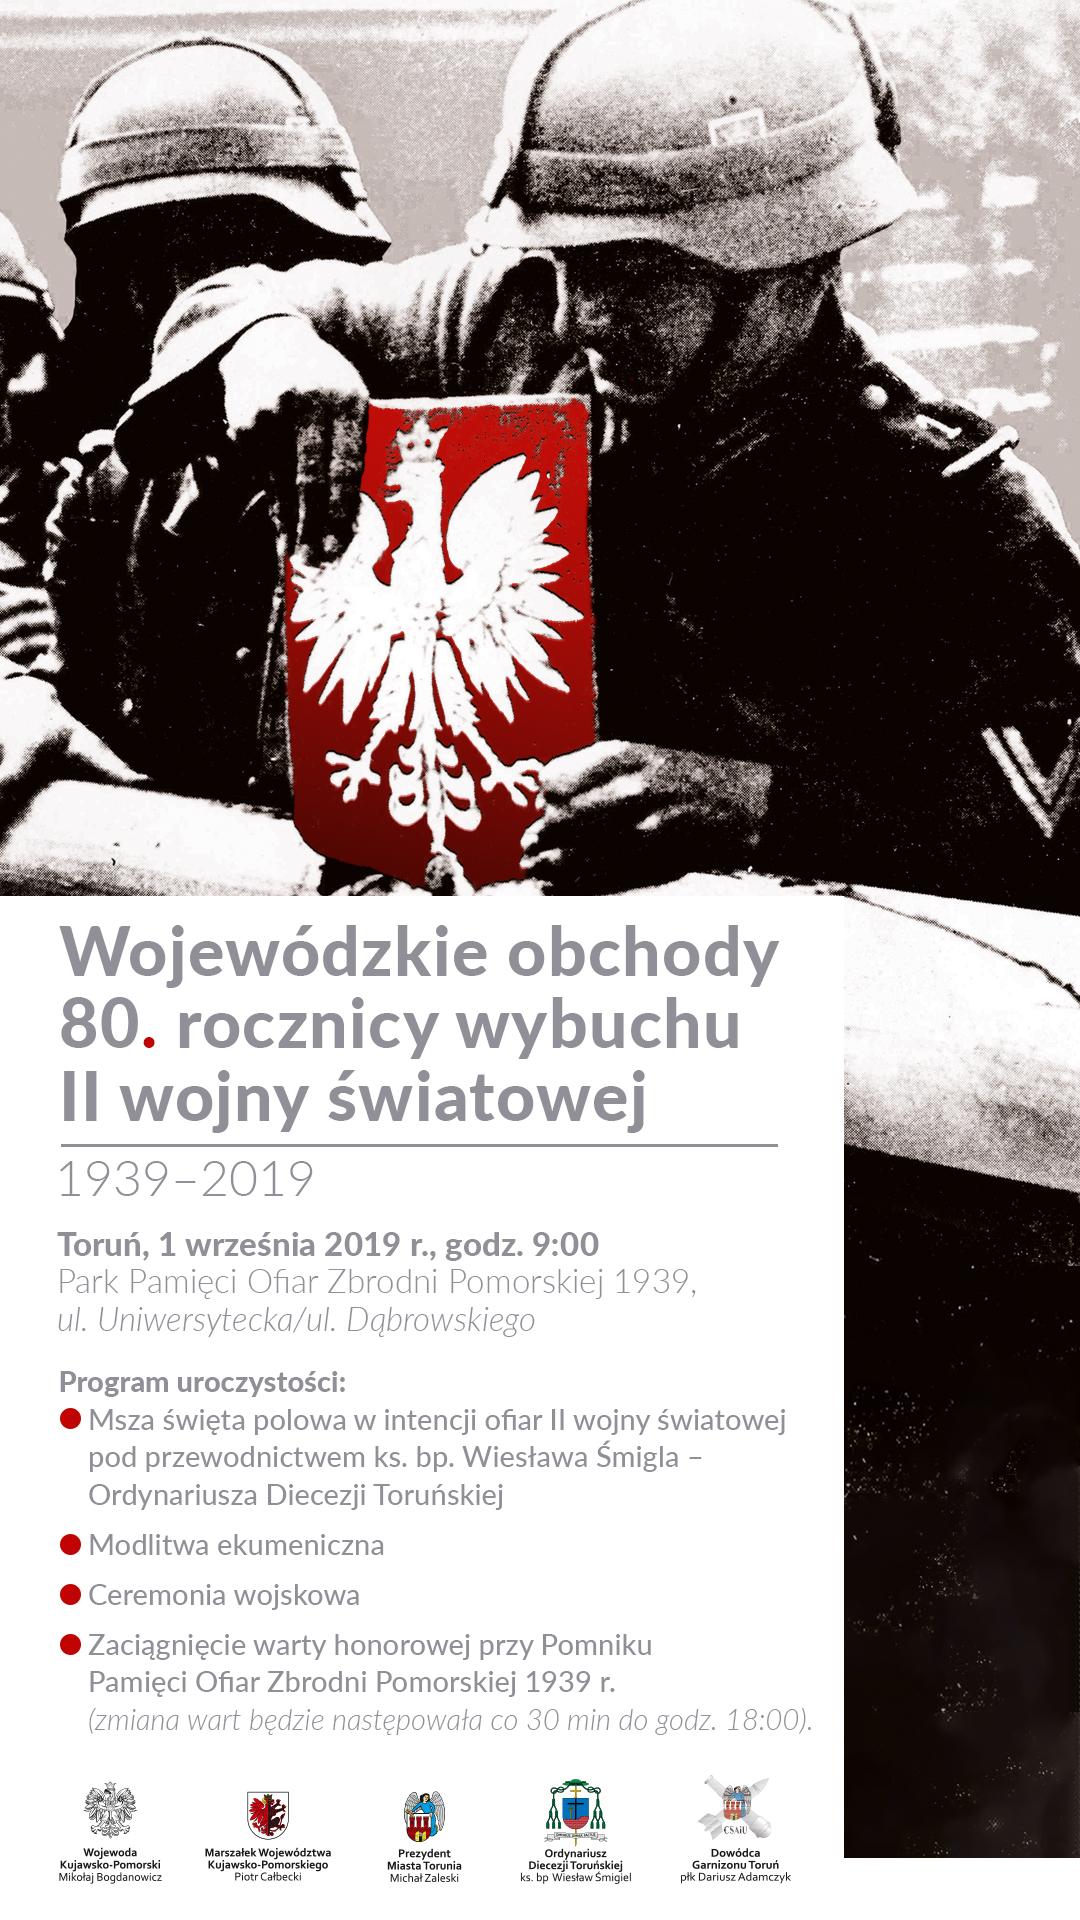 Wojewódzkie obchody 80. rocznicy wybuchu II wojny światowej